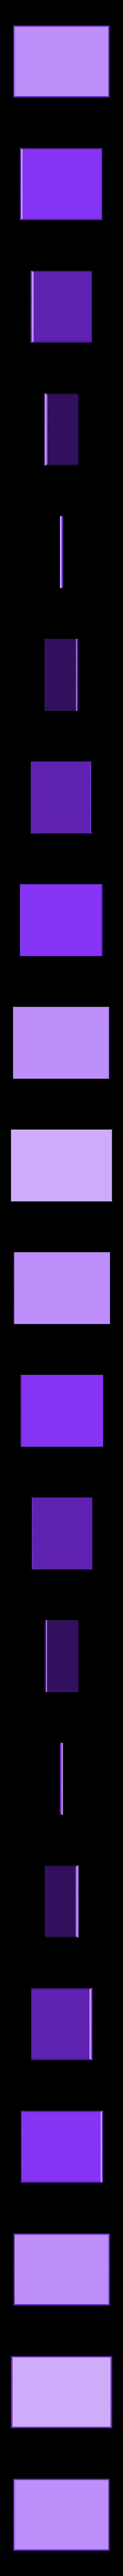 b_base.stl Télécharger fichier STL gratuit Saxon Barn 1 • Objet pour imprimante 3D, Earsling